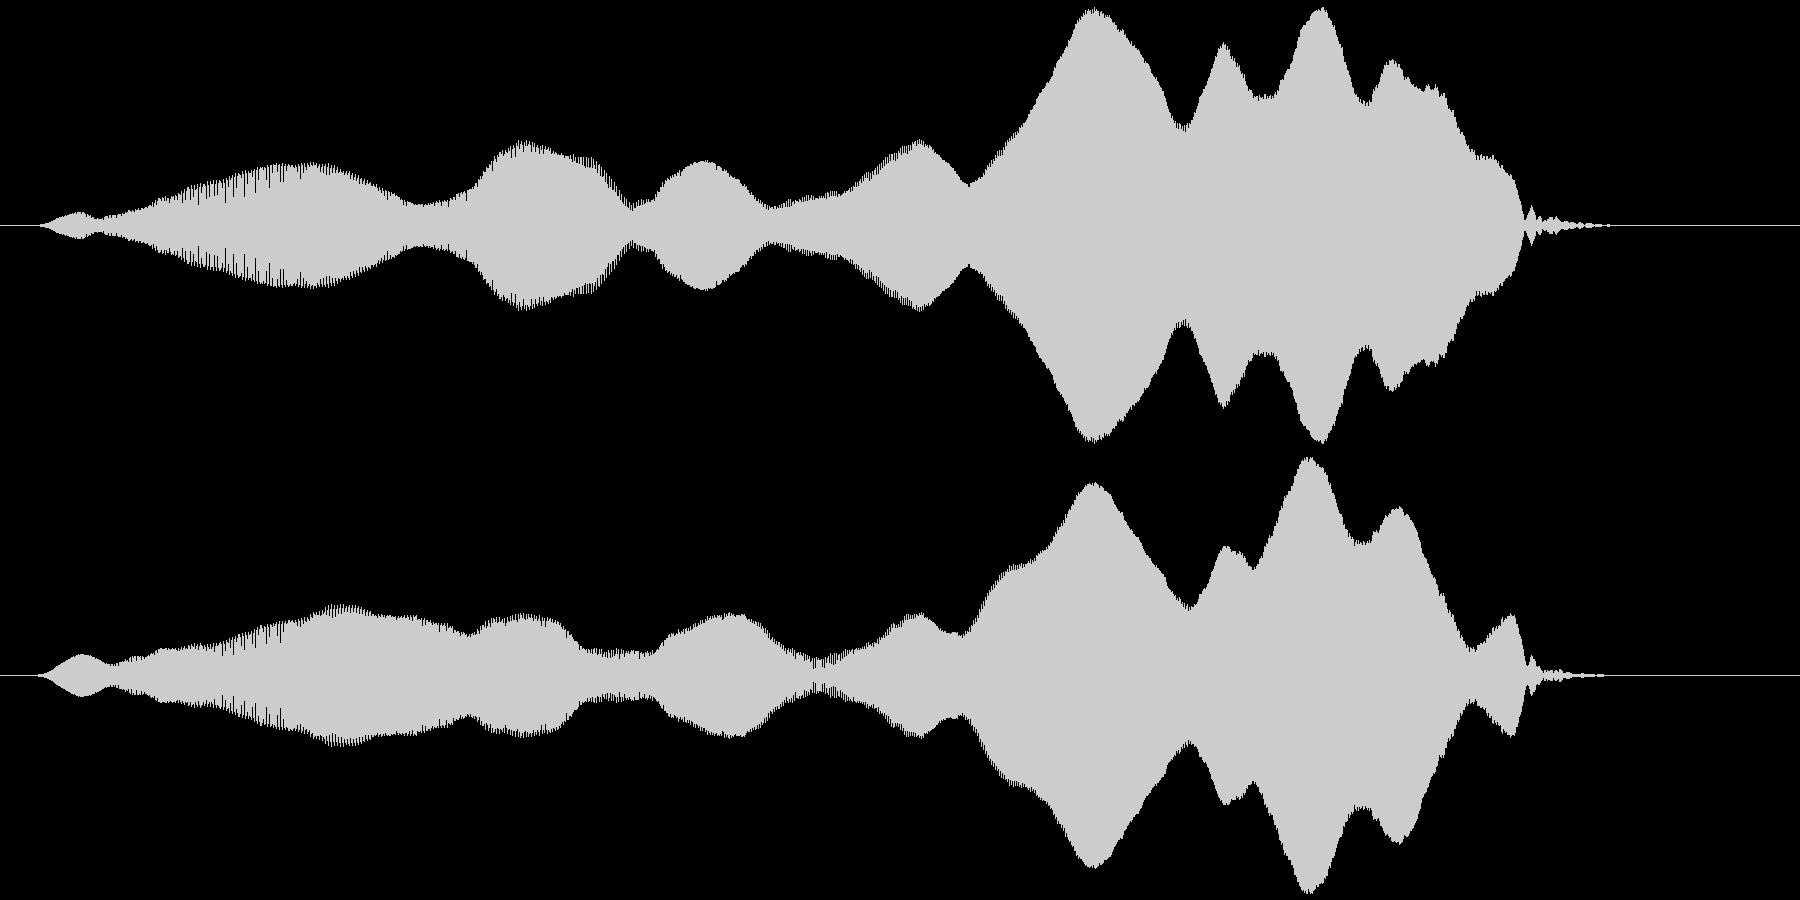 オノマトペ(やや長め上昇)ヒヨーォーの未再生の波形